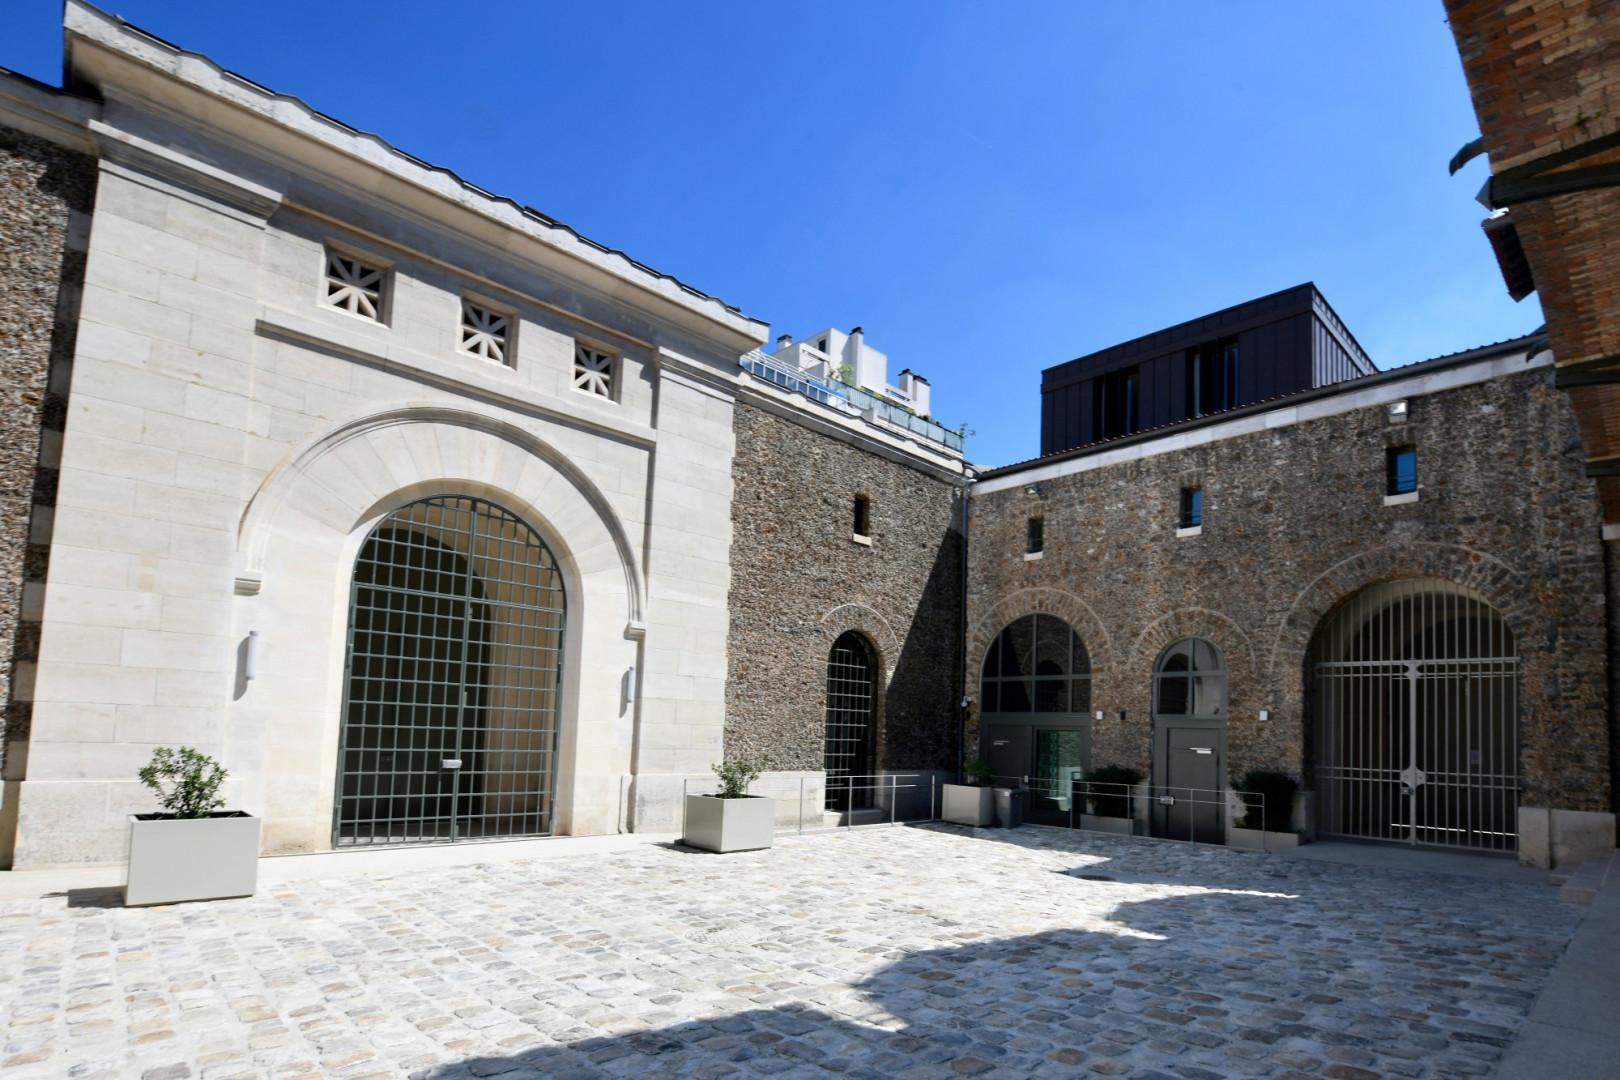 L'entrée de la prison de la Santé à Paris, fermée depuis 2014 pour rénovation